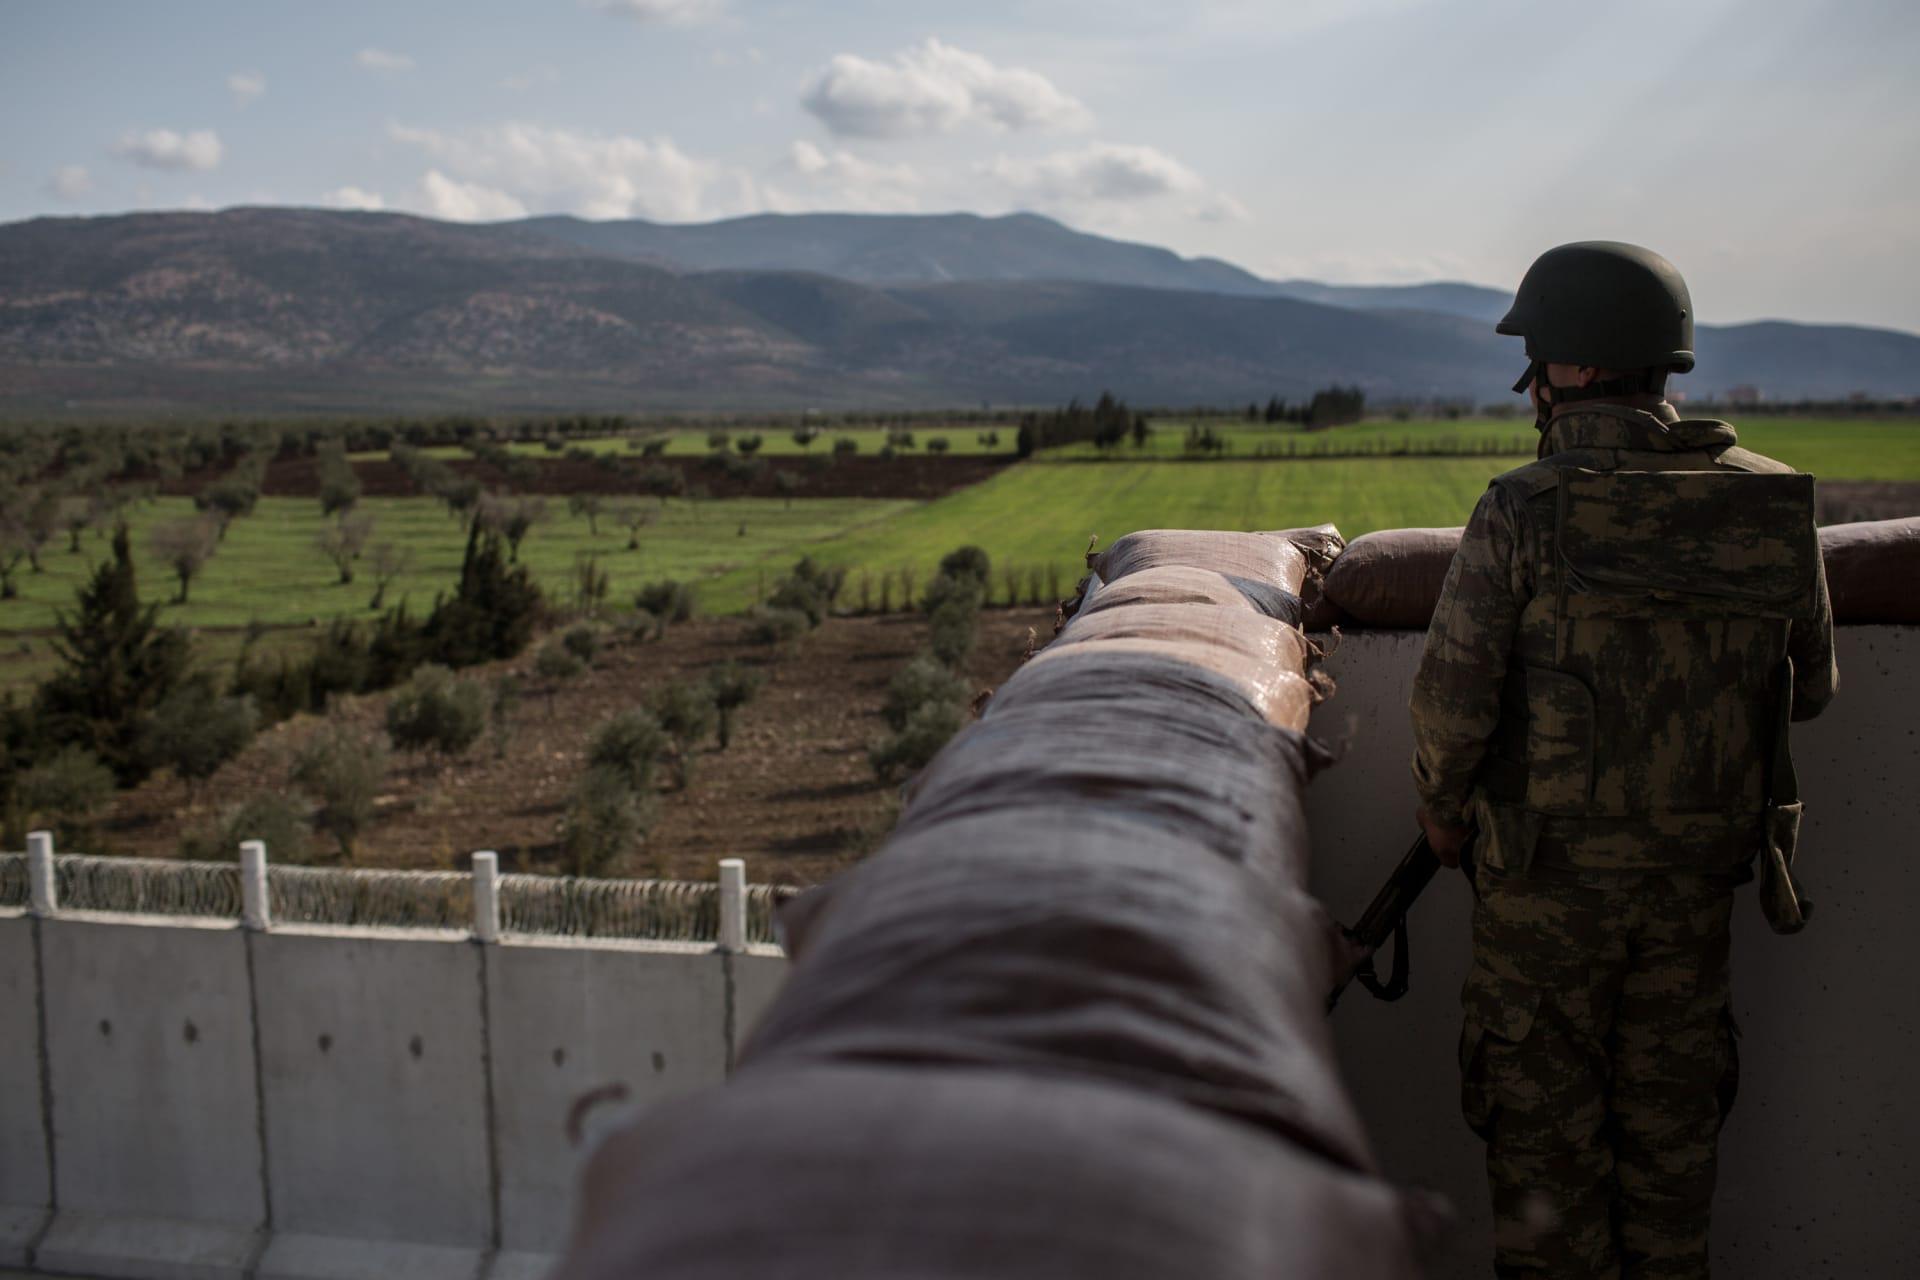 مسؤول تركي: الانتهاء من بناء جدار على طول الحدود مع سوريا